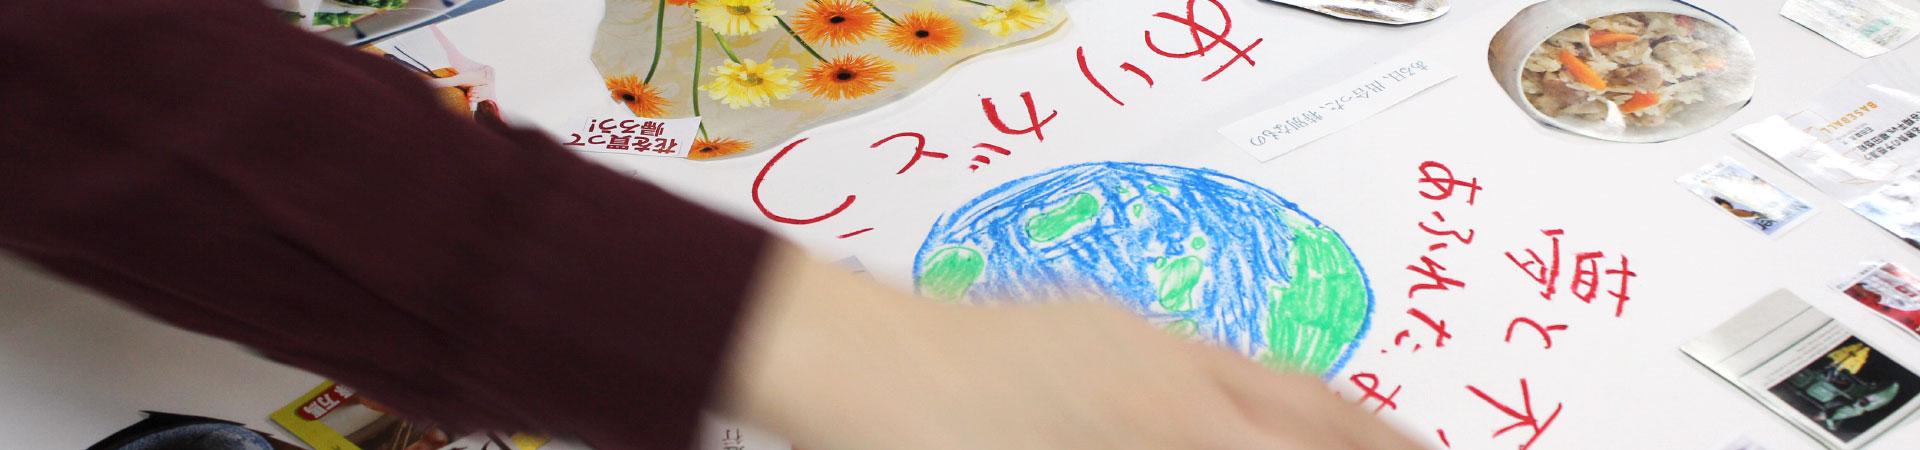 東日本大震災における支援団体のメンタルケア事業